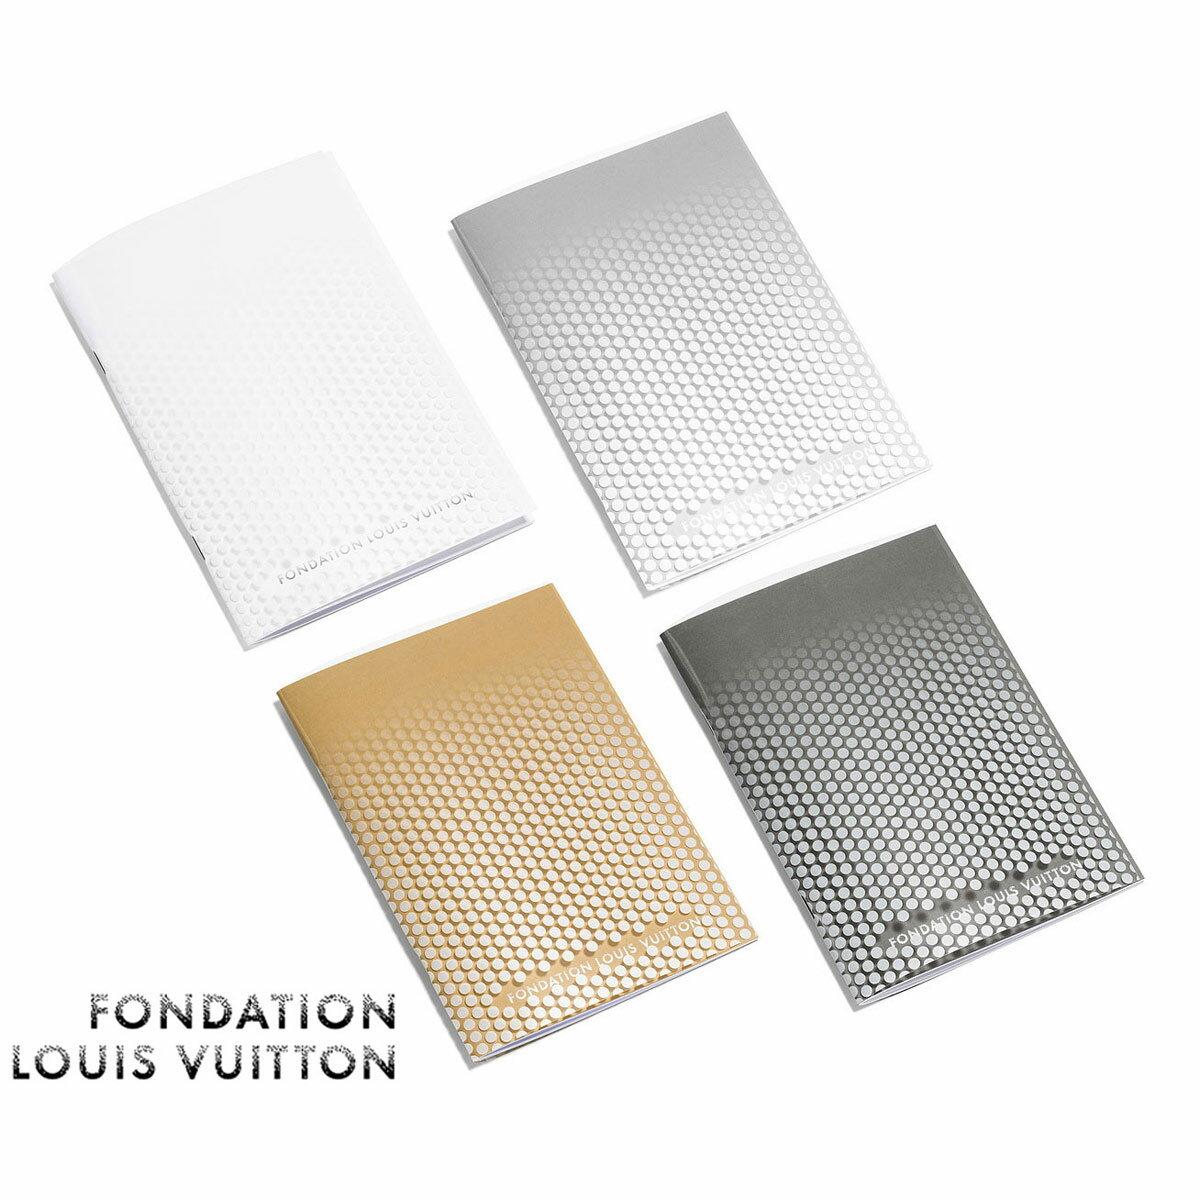 パリ限定!LOUIS VUITTON/ルイヴィトン美術館/ノート4冊セット/ドット柄/FONDATION LOUIS VUITTON/Polka-dotted Notebook